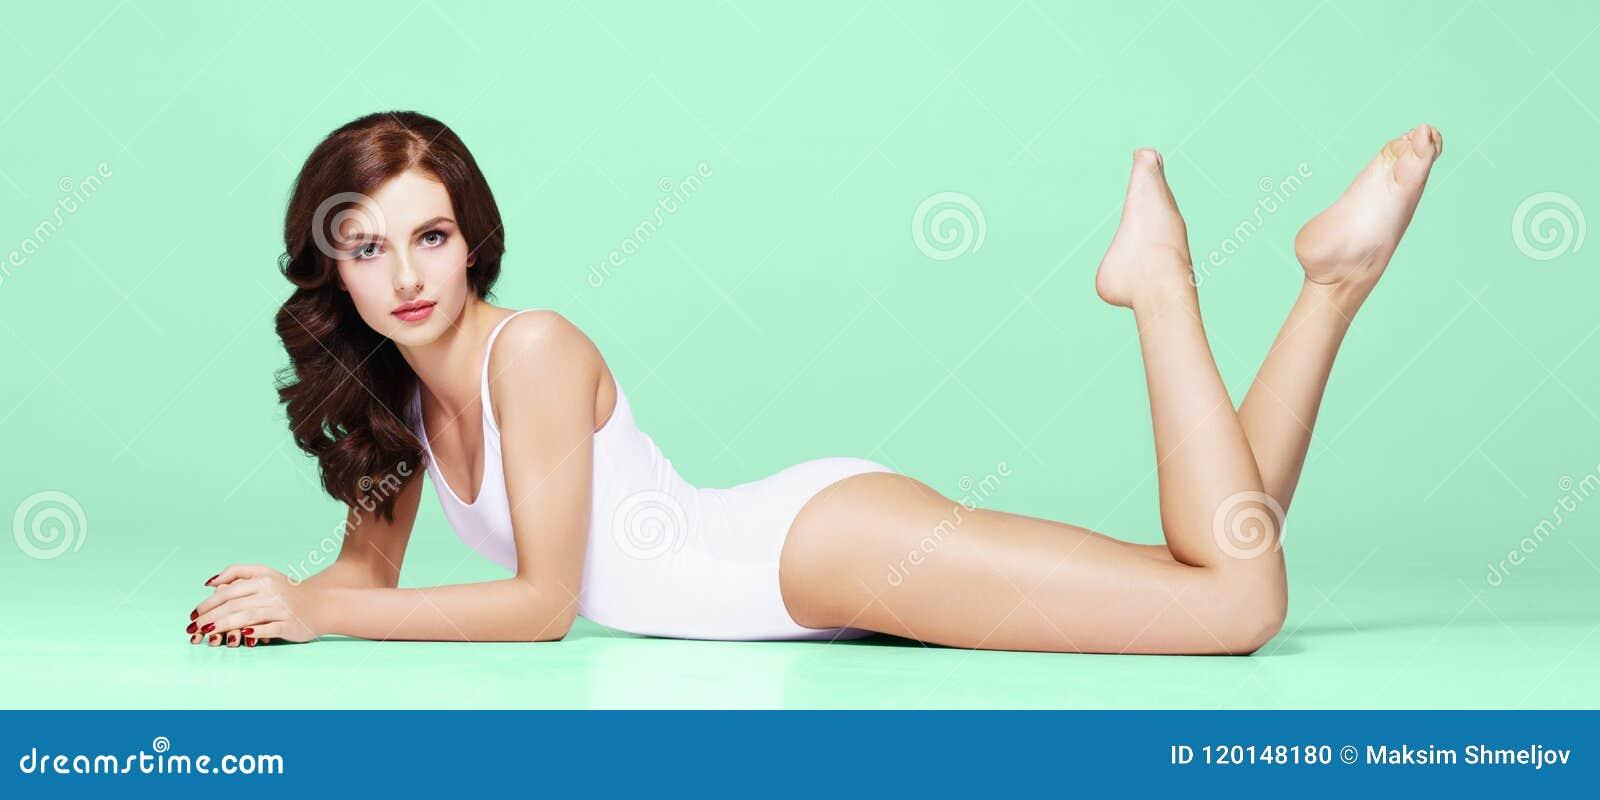 Девушки в купальниках и нижнем белье — img 10